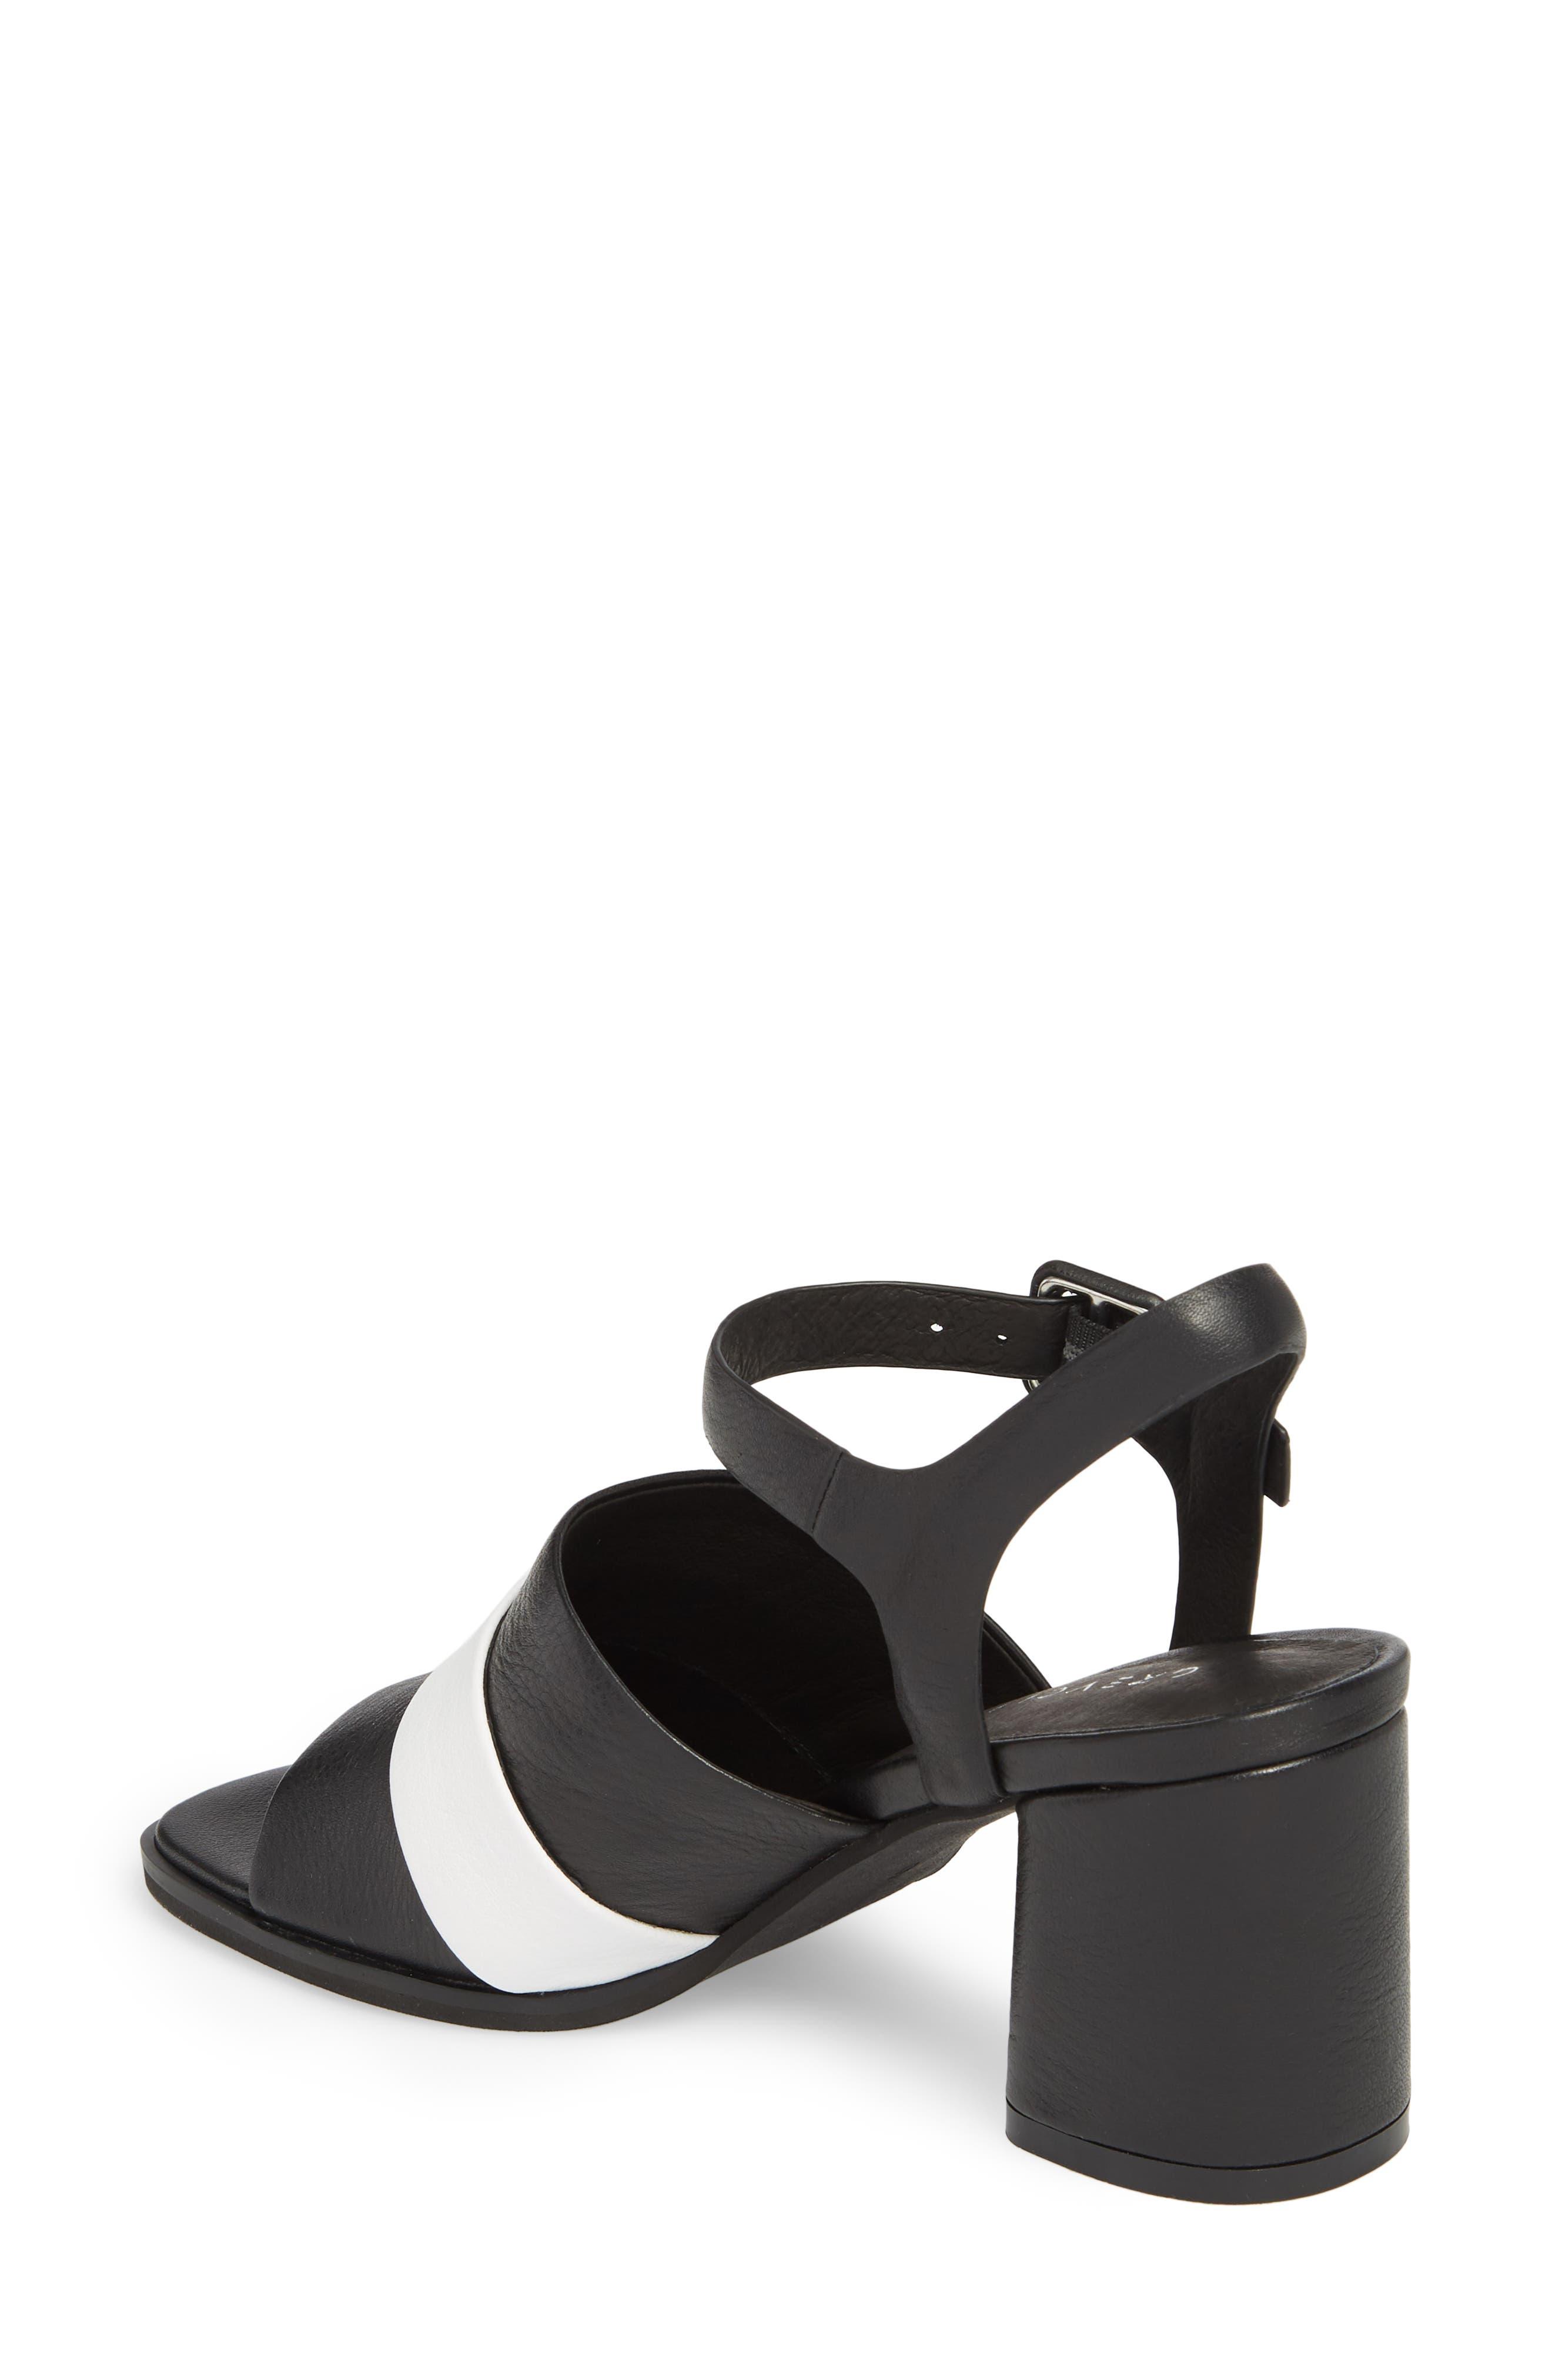 Ren Sandal,                             Alternate thumbnail 2, color,                             Black/ White